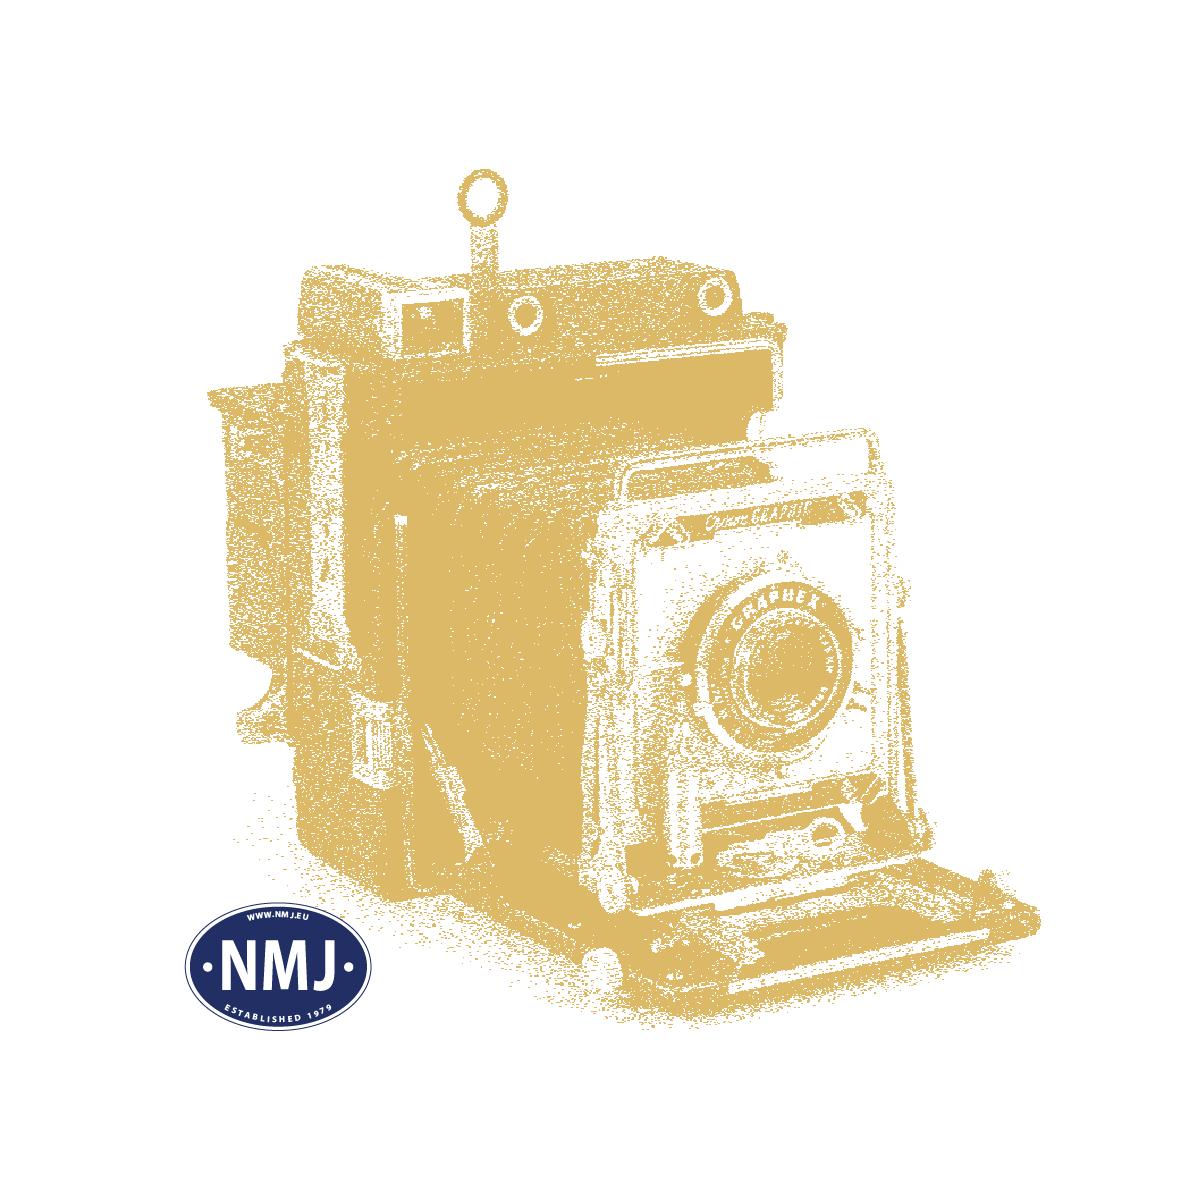 NMJ0G4-6 - NMJ Superline NSB Gbkls 20 76 158 5989-0, 7,2 m Aks. Avs., 0-Scala